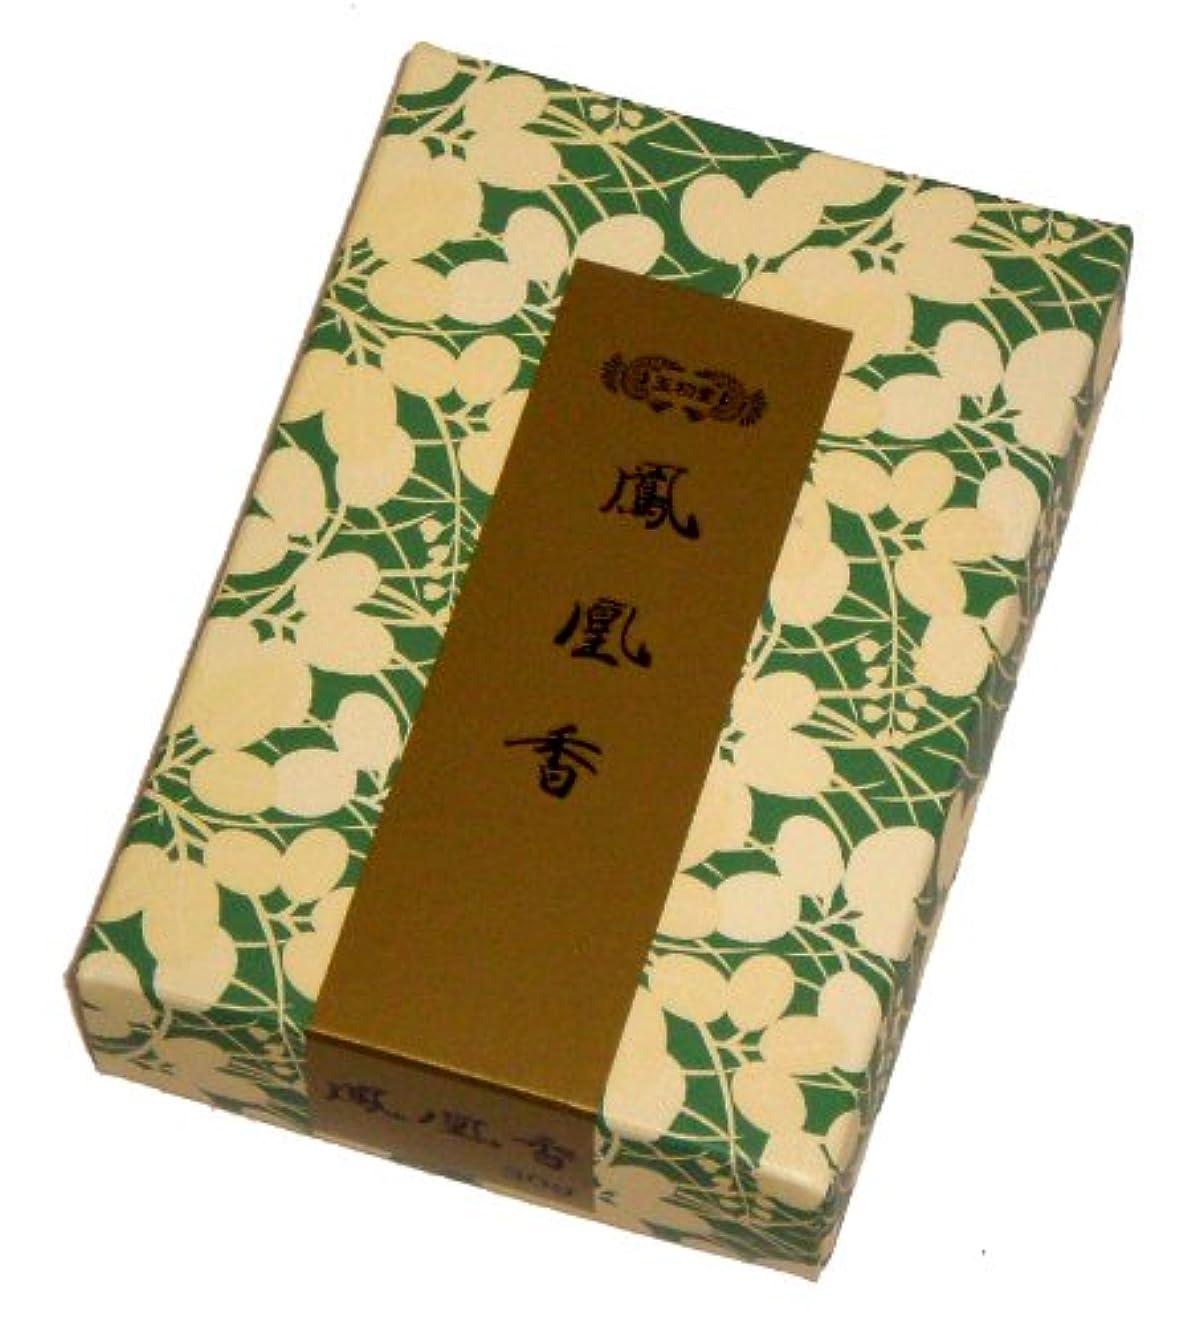 ティーム火薬カーペット玉初堂のお香 鳳凰香 30g #685